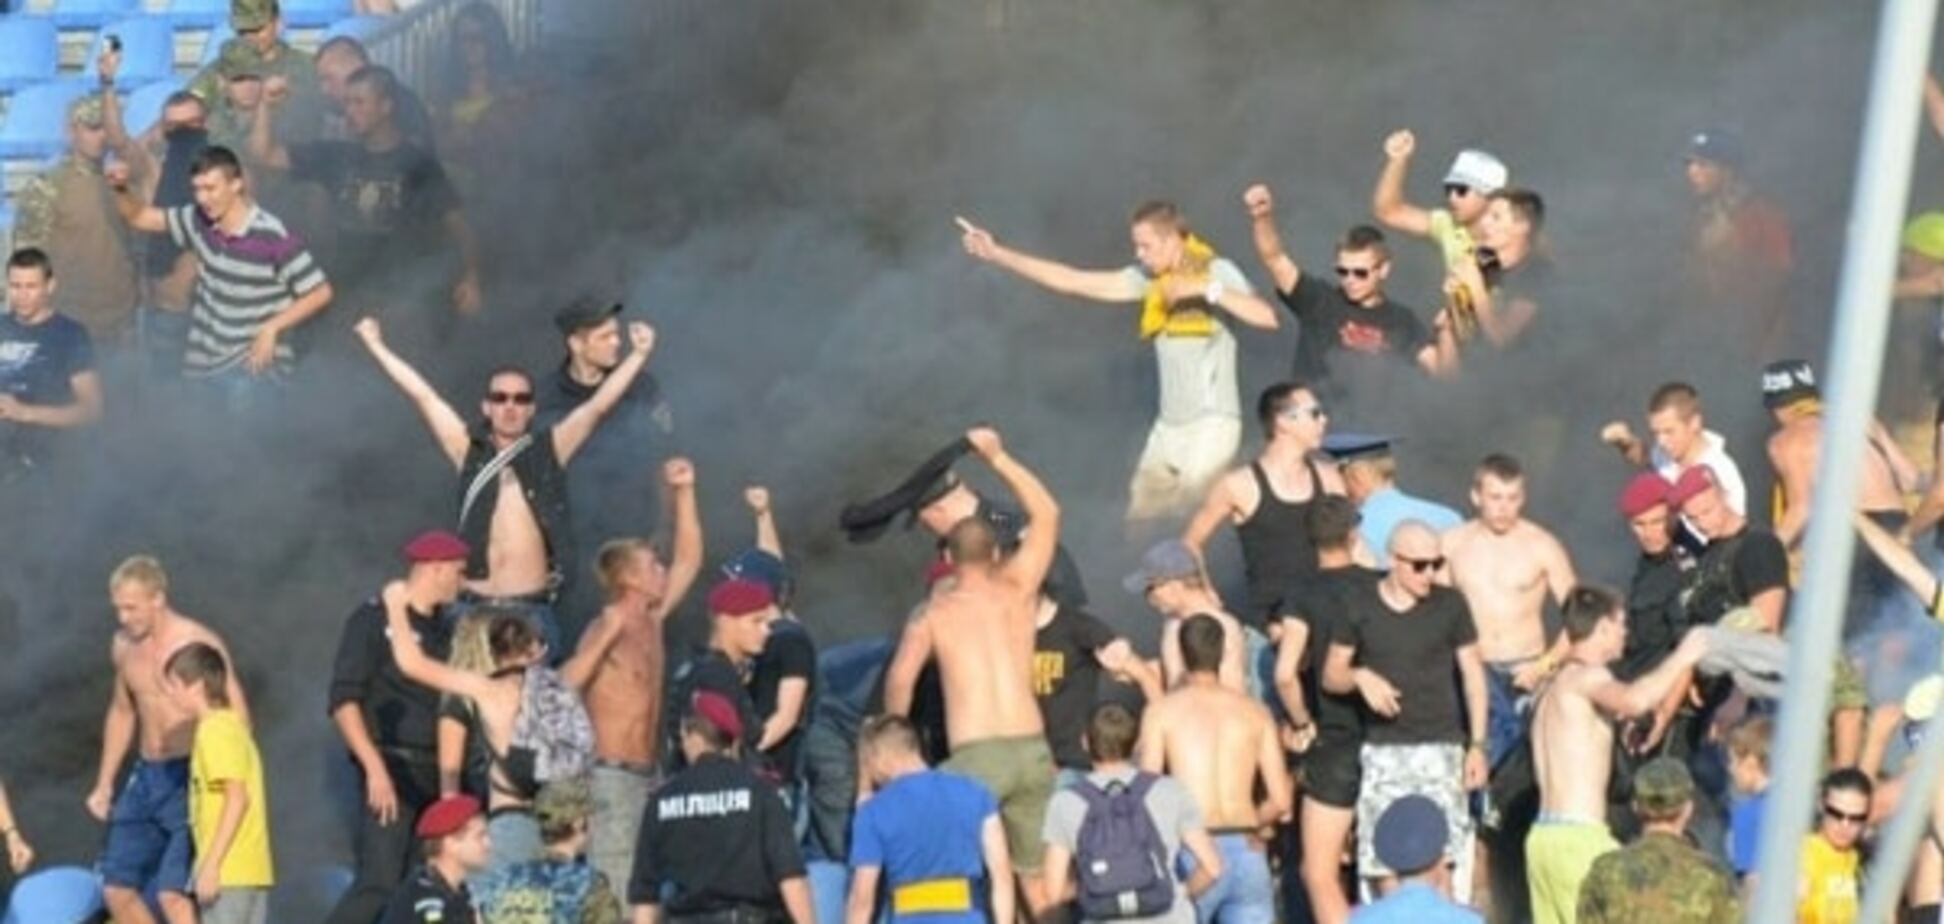 Звернення до Авакова: спецназ у Миколаєві побив фанатів. Моторошні фото і відео